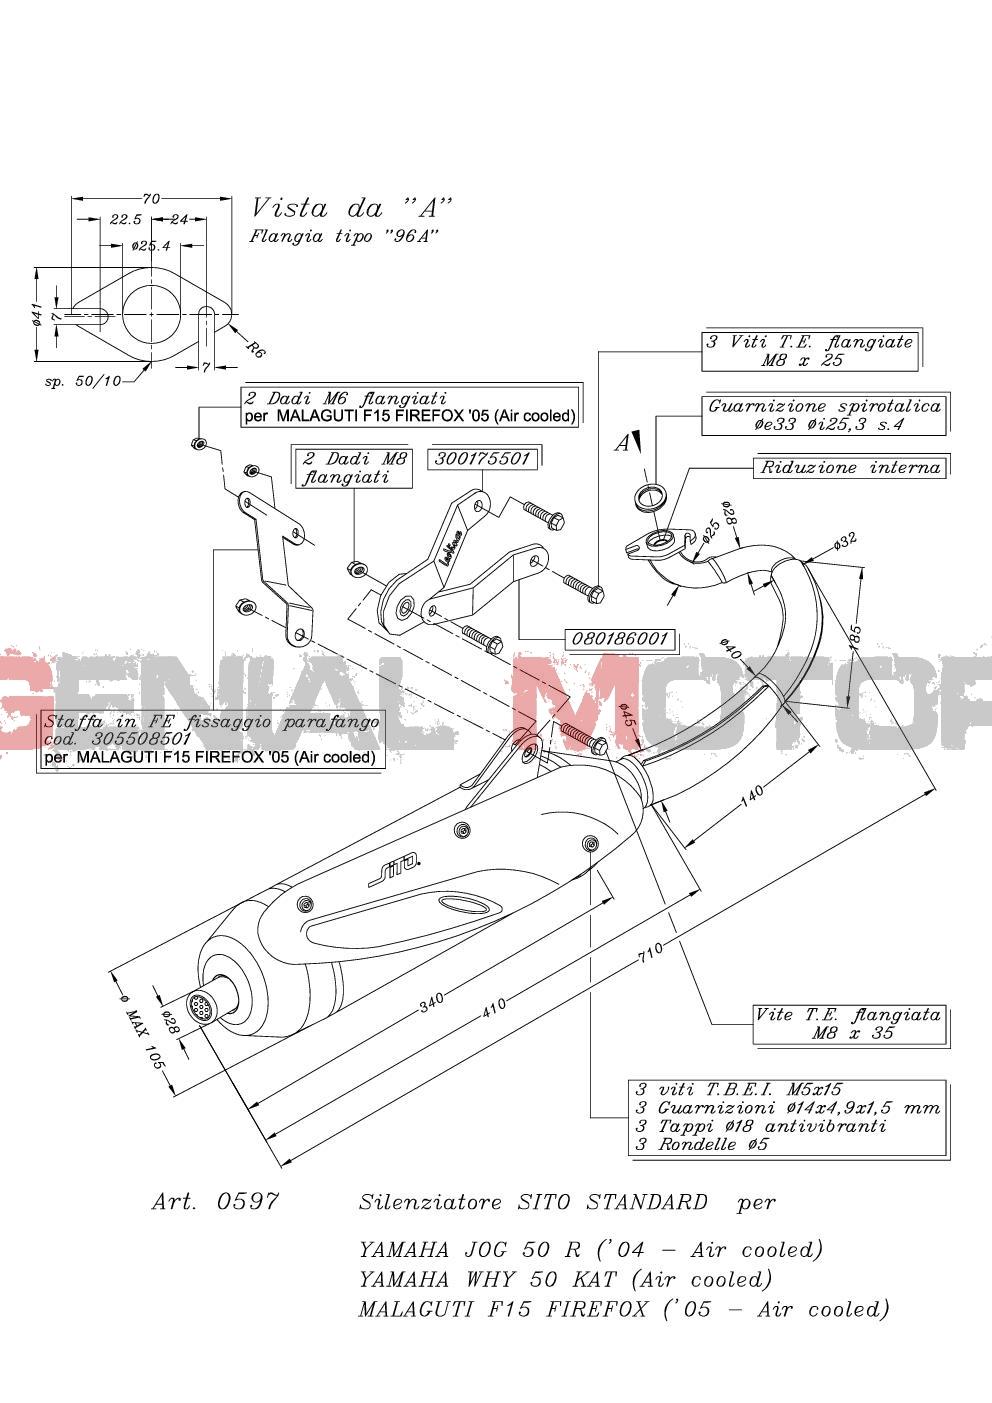 0597 Pot D'Echappement Complete Leovince Sito Acier Yamaha Why 50 Kat Air 1998 > 2013